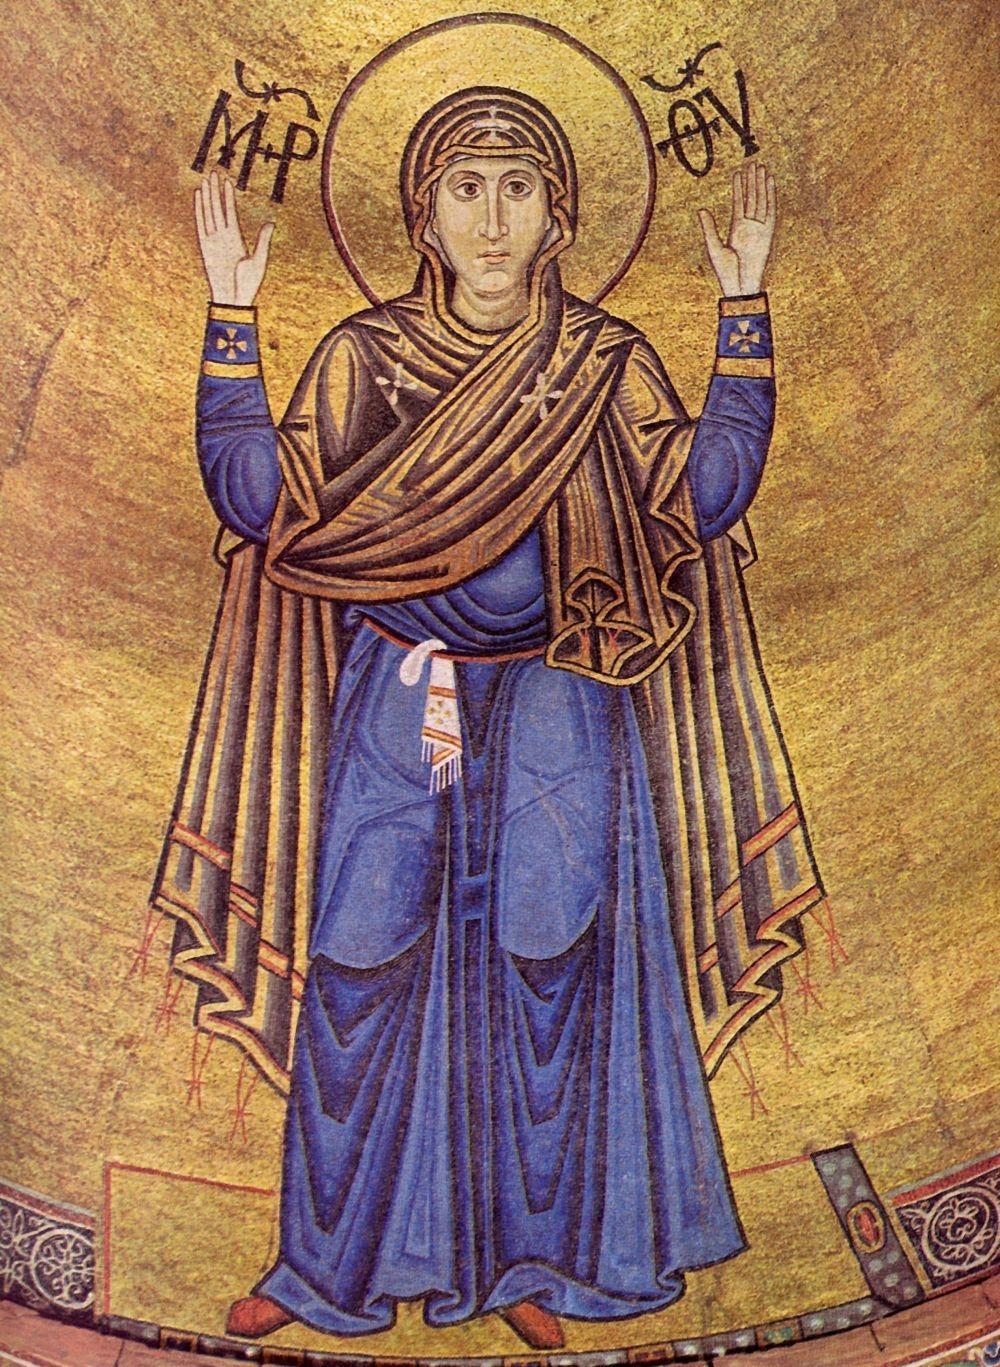 Фото икона пресвятой богородицы всецарица